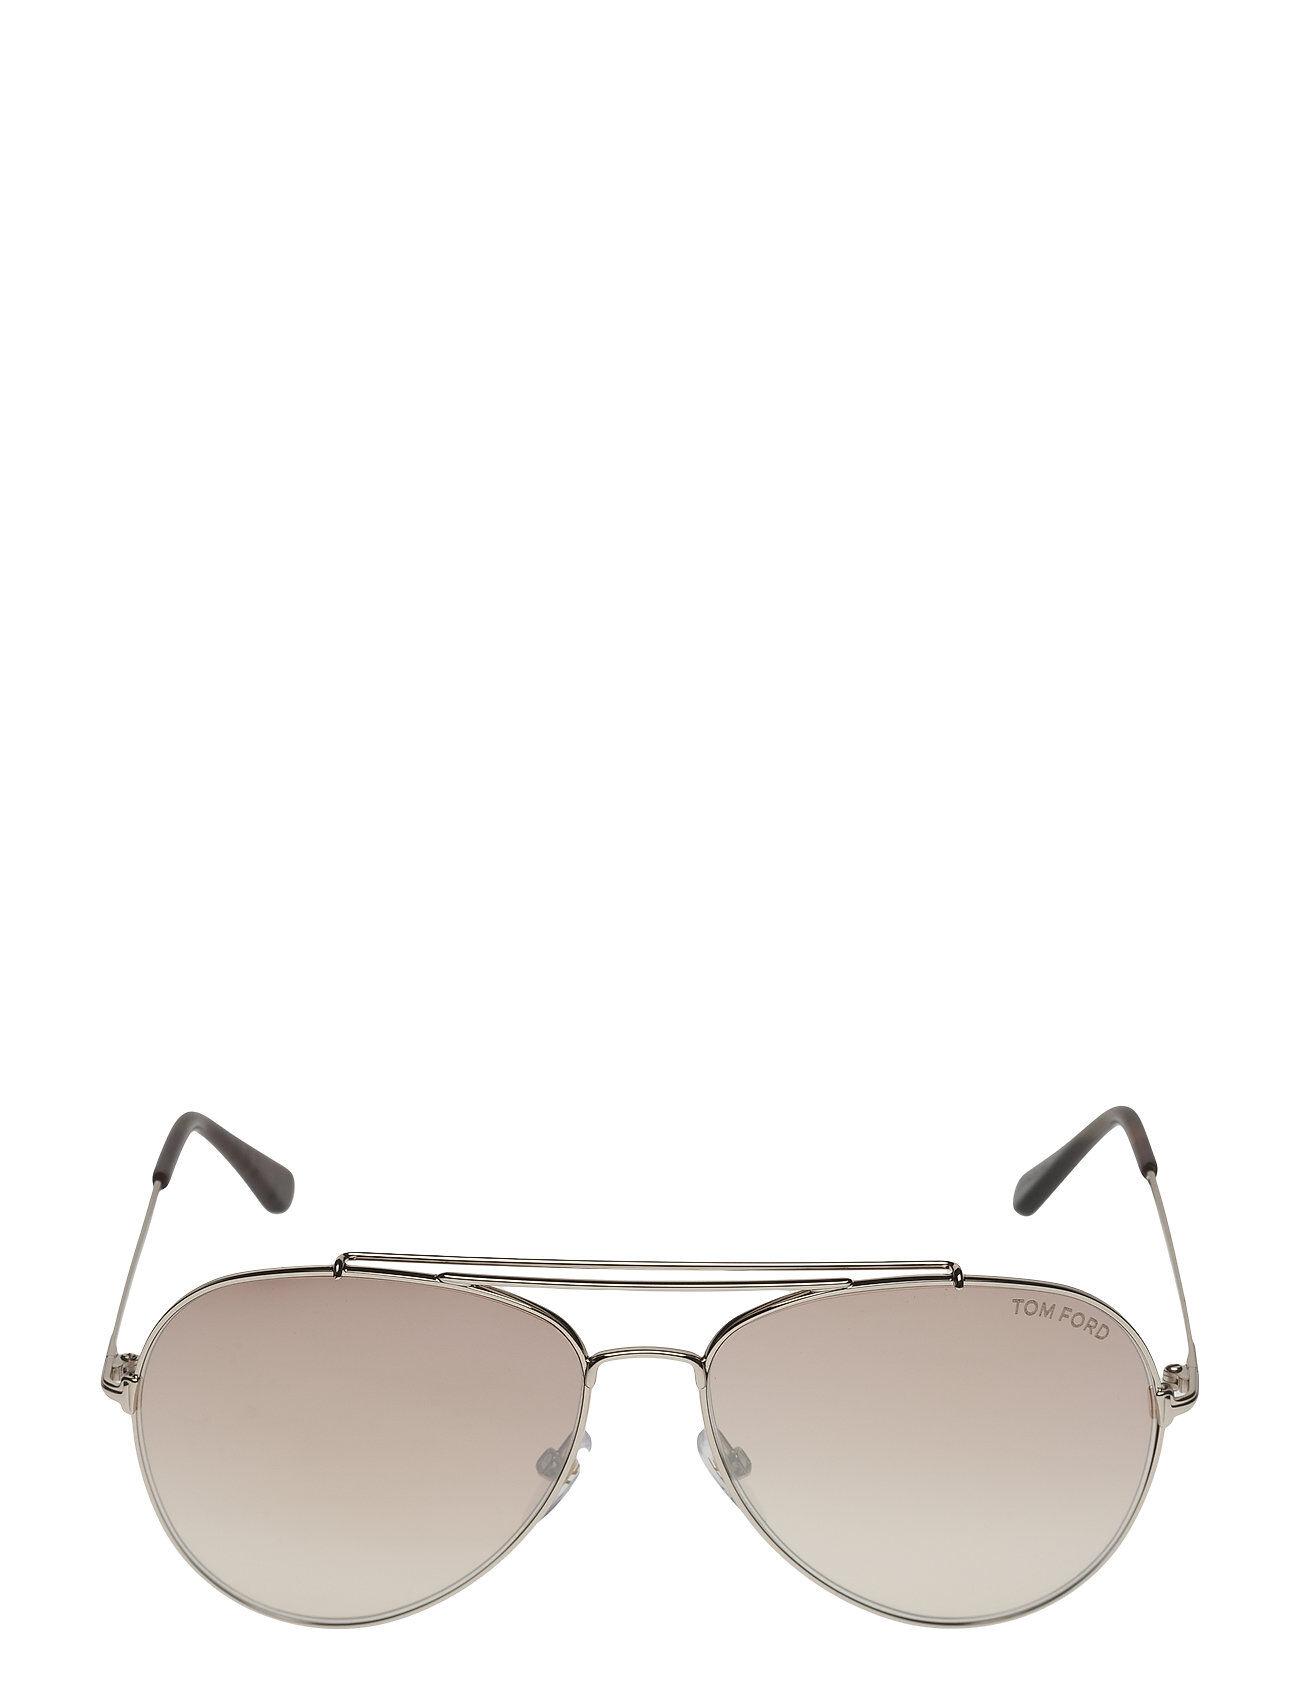 Image of Tom Ford Sunglasses Tom Ford Indiana Pilottilasit Aurinkolasit Kulta Tom Ford Sunglasses